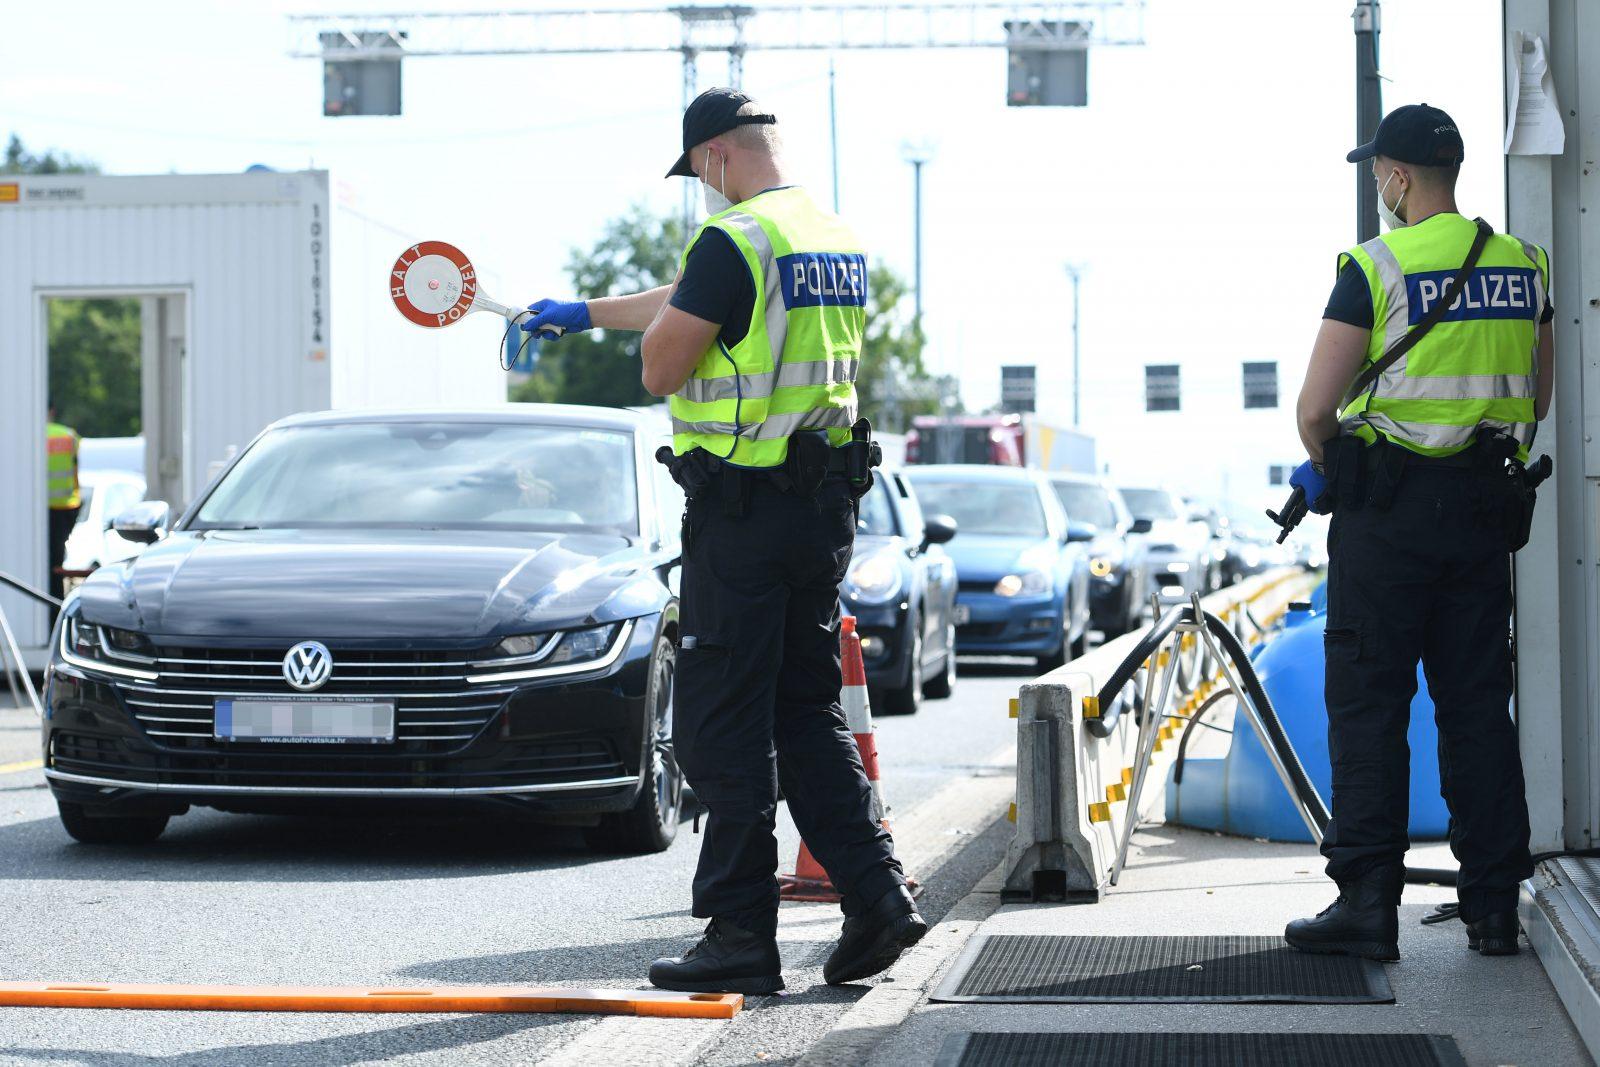 Polizisten kontrollieren im Sommer Reisende an der deutsch-österreichischen Grenze Foto: picture alliance/Revierfoto/Revierfoto/dpa